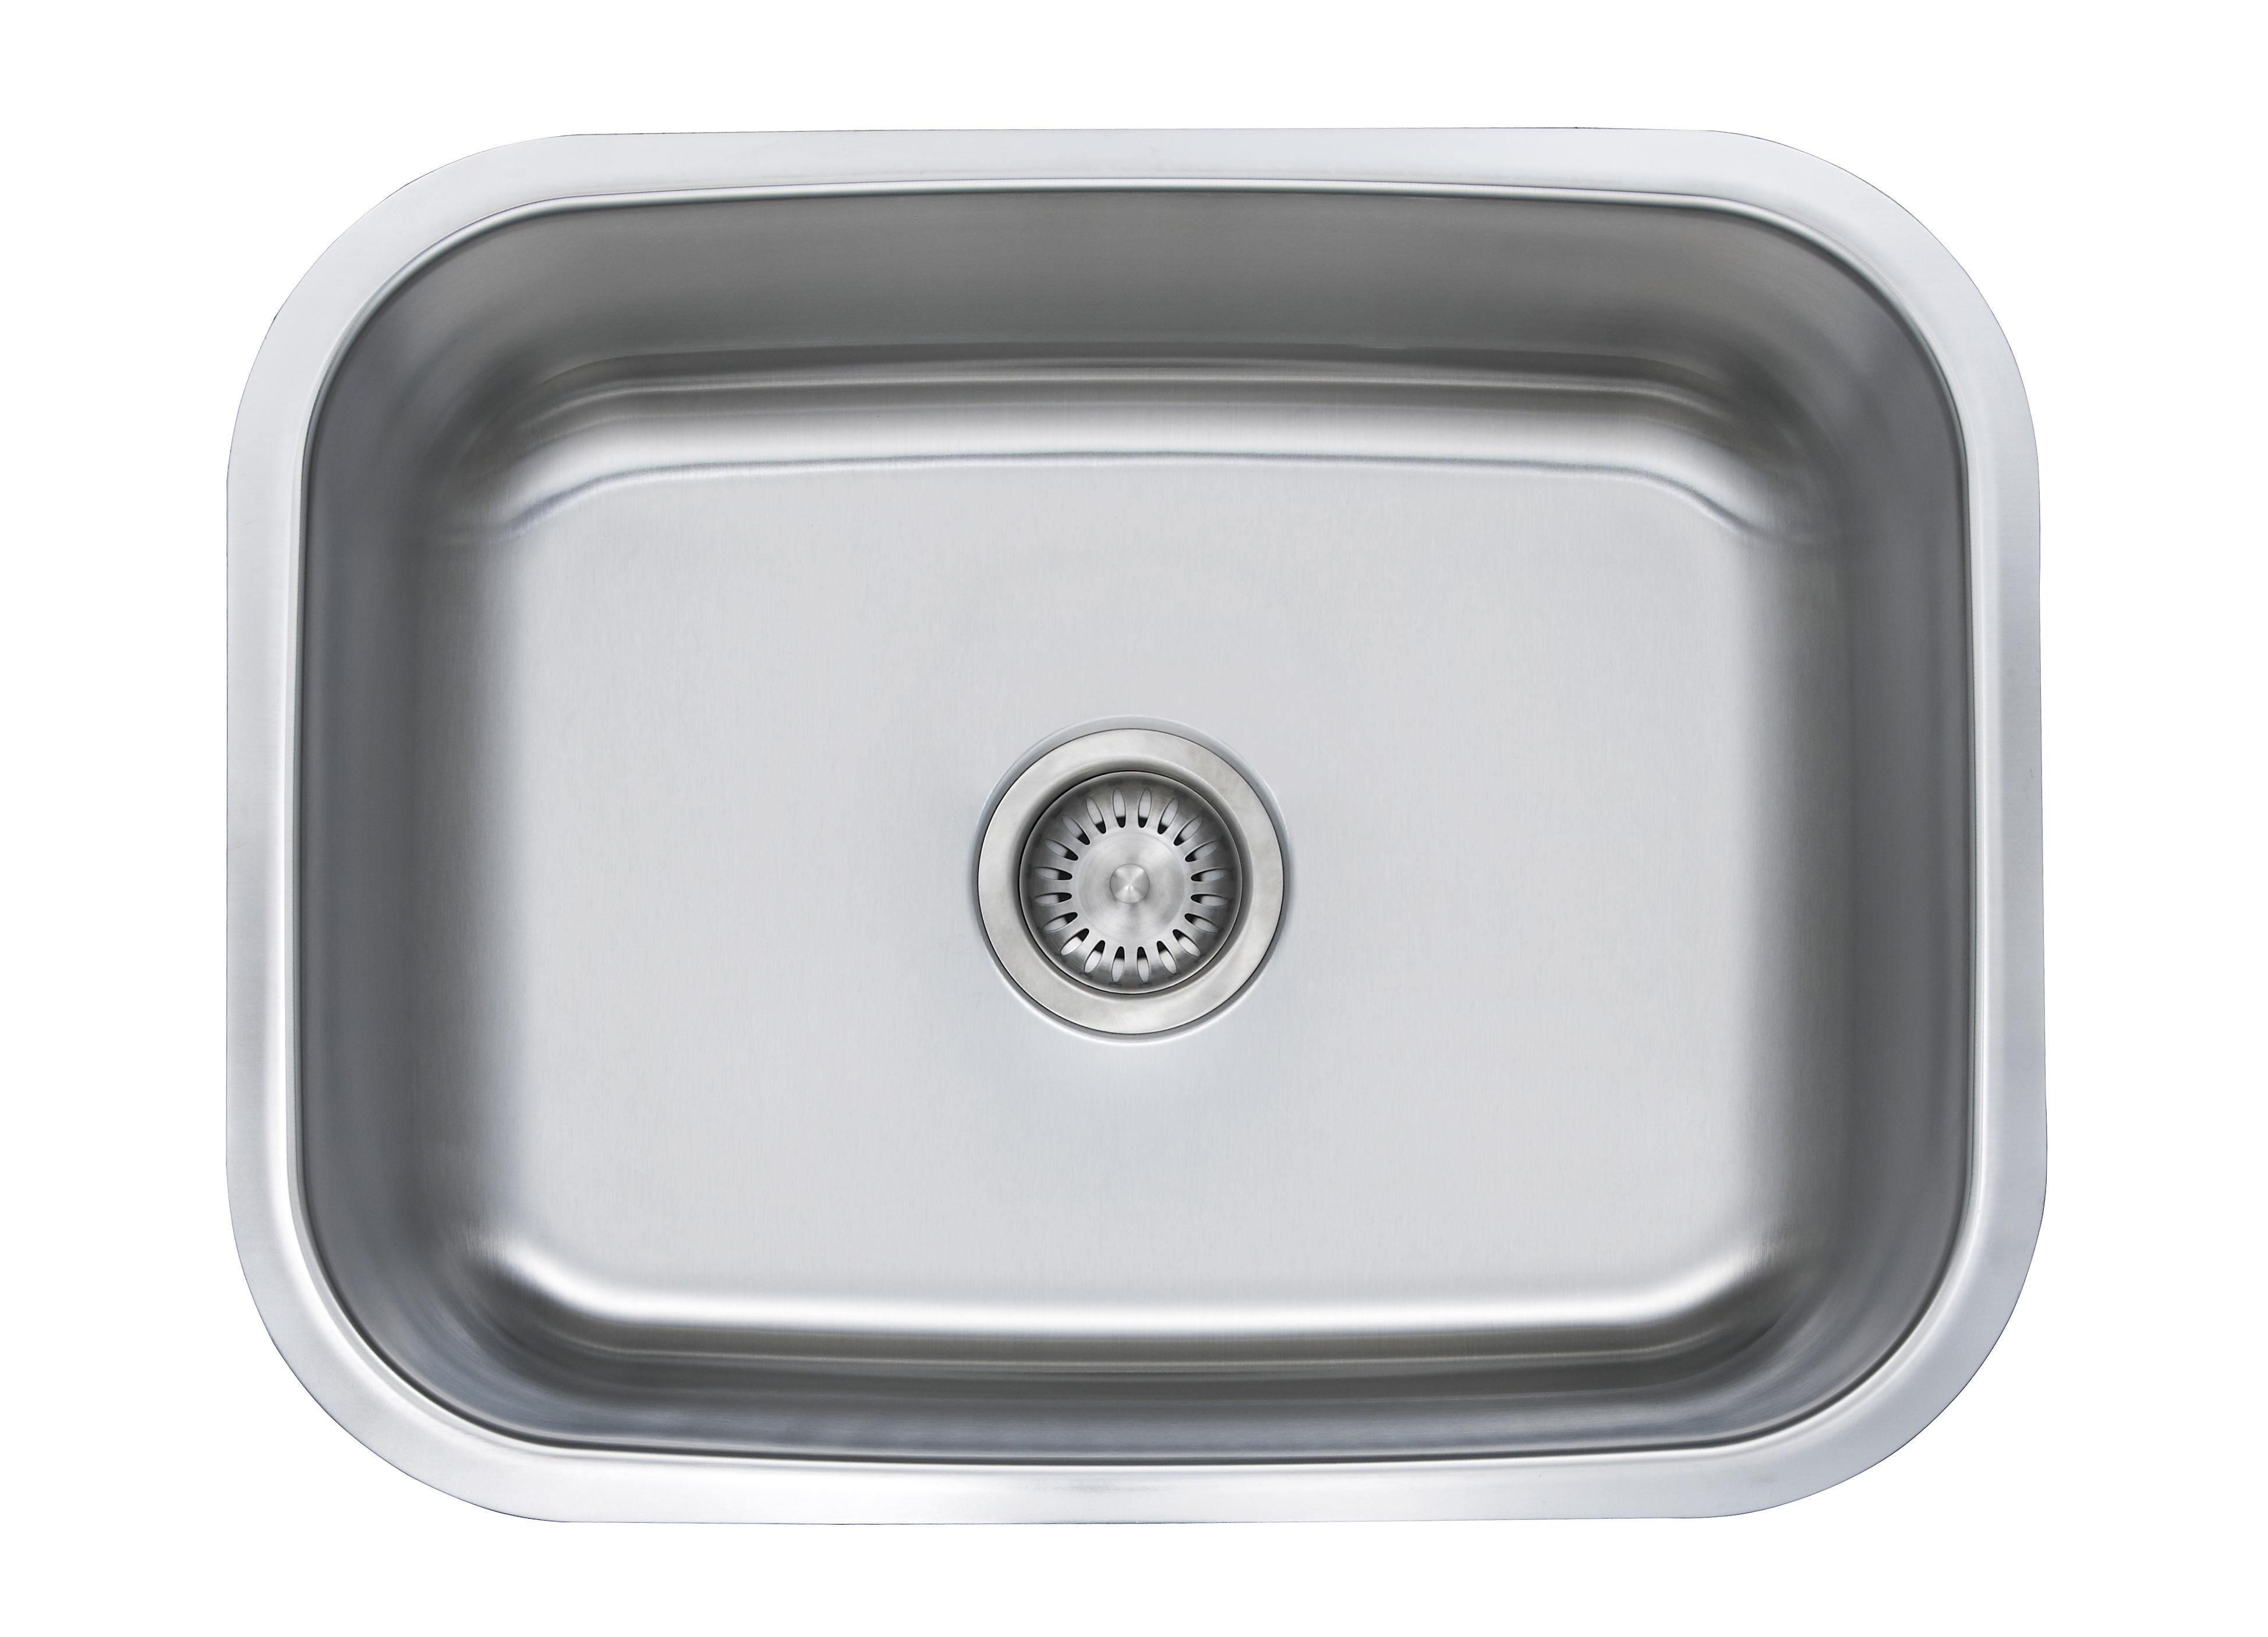 Decora 18 Gauge Single Bowl Sinks